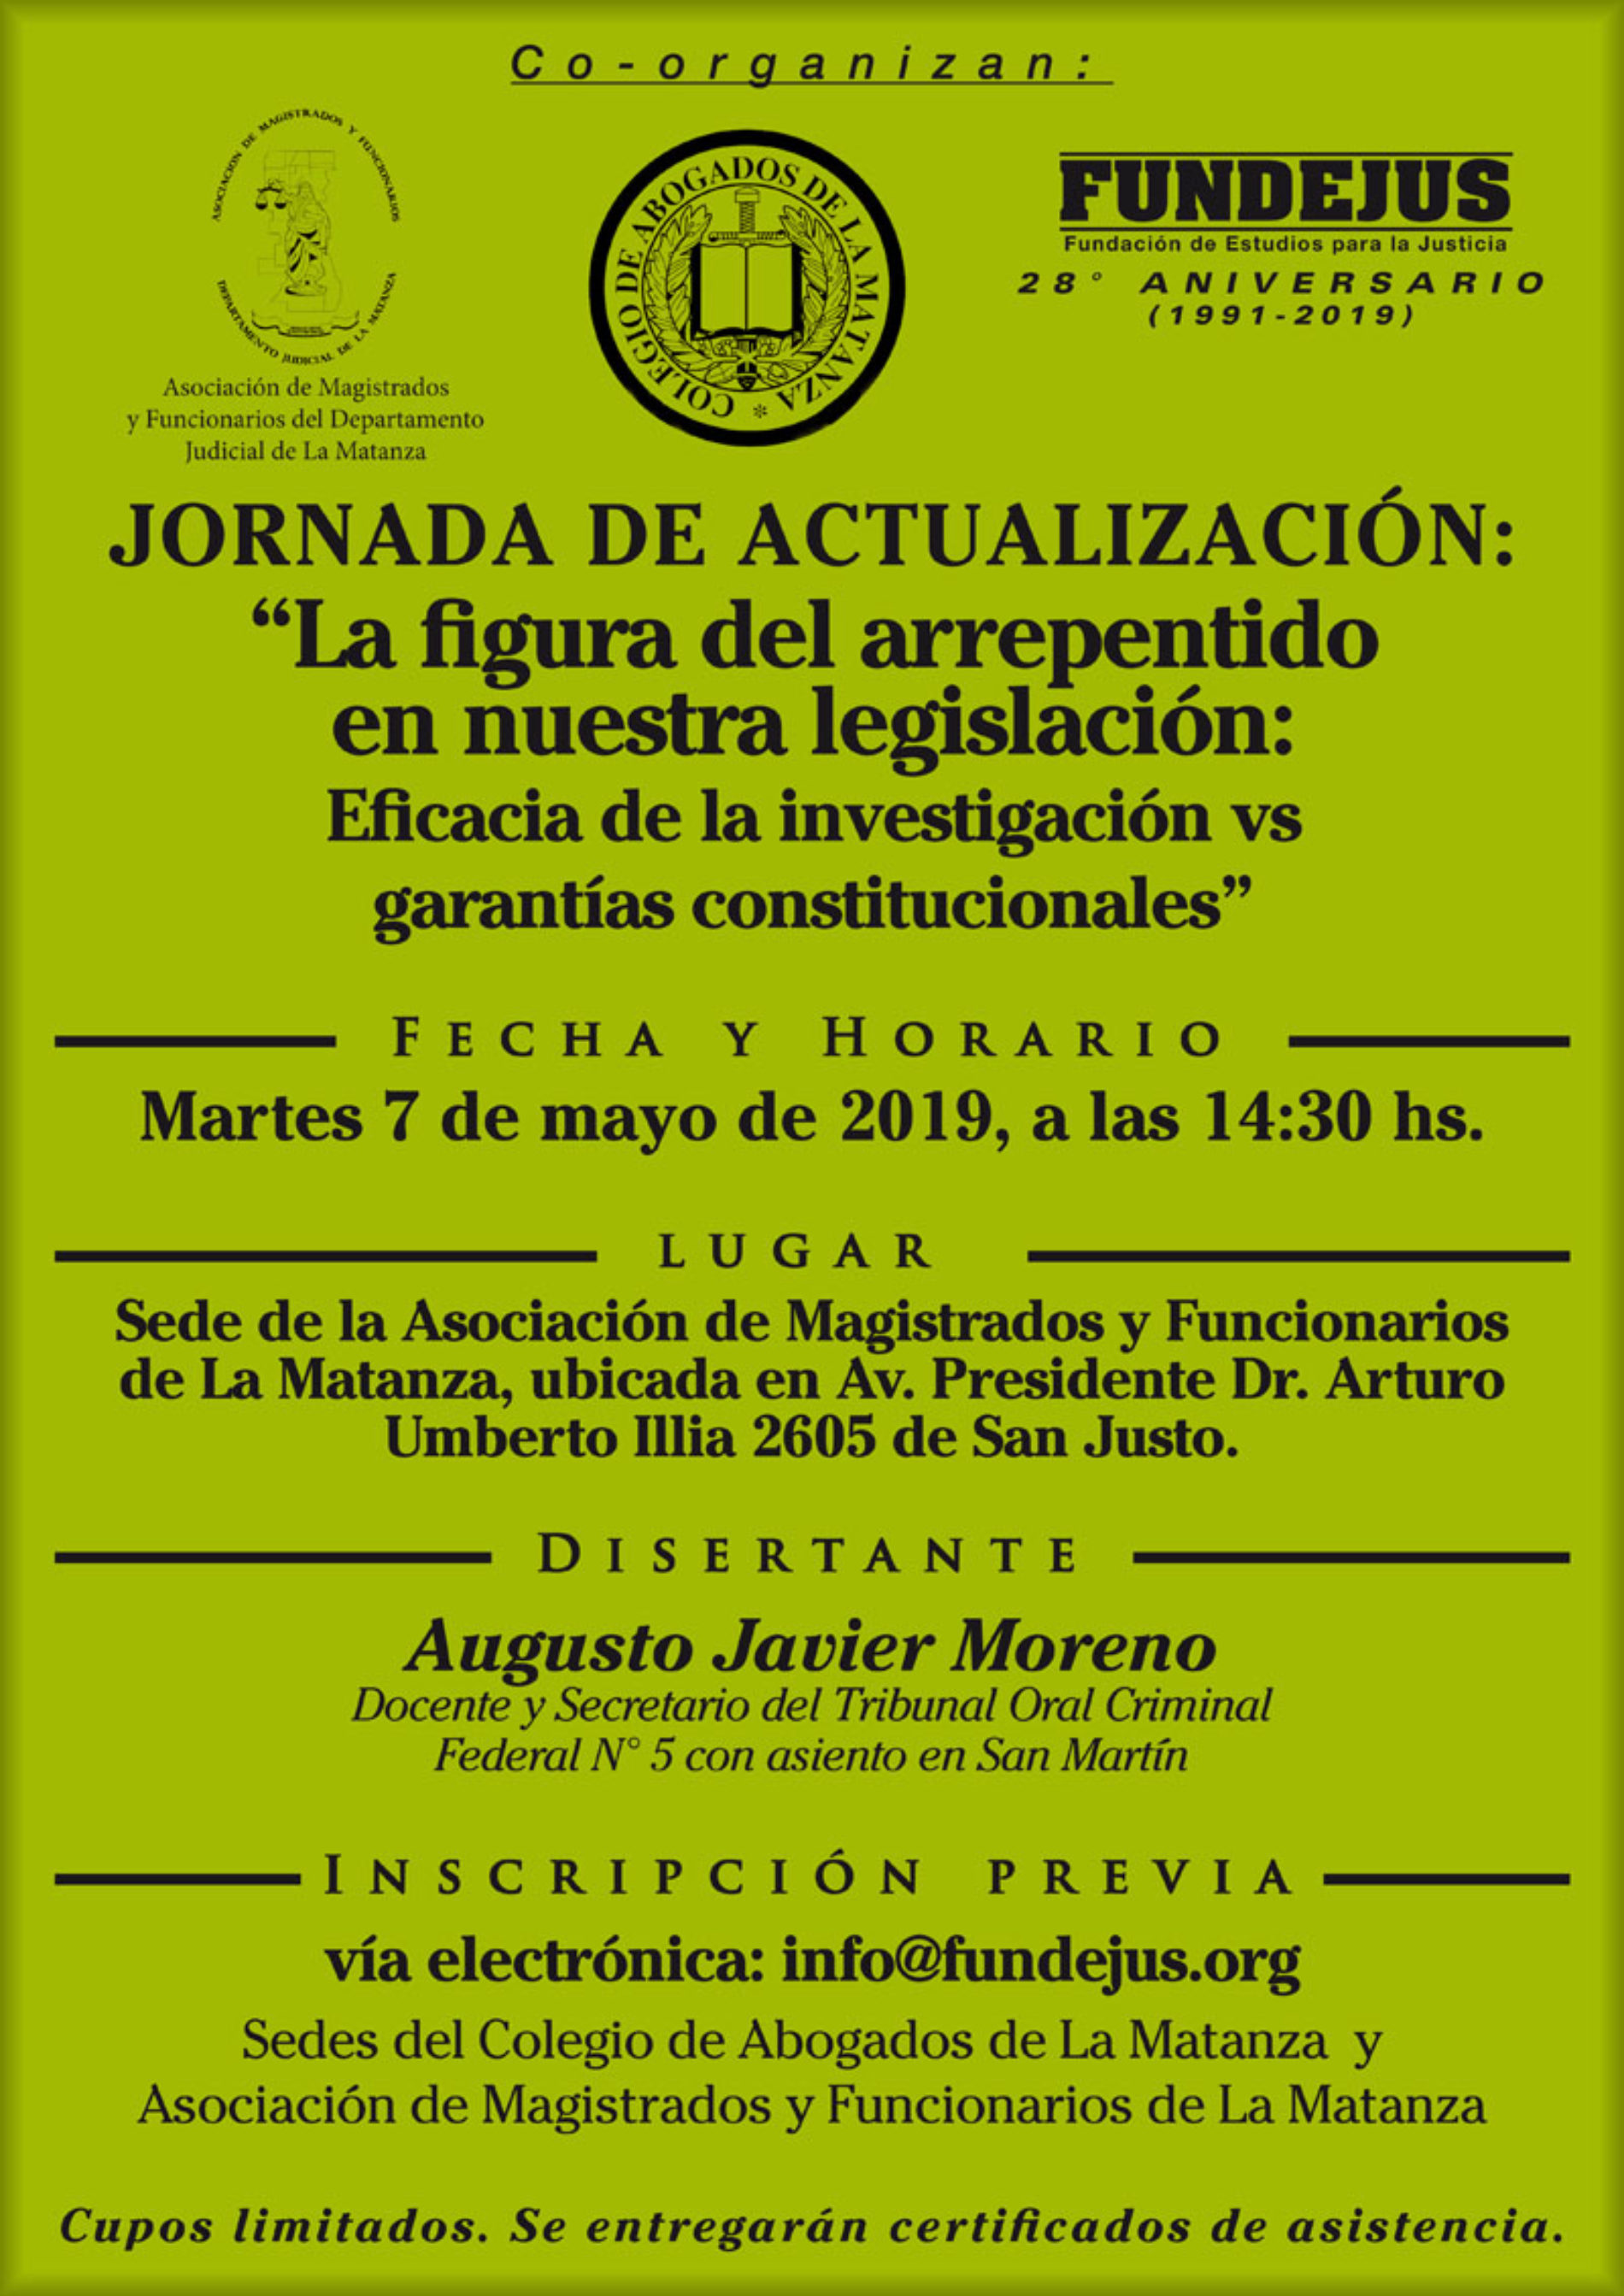 Jornada de actualización: » La figura del arrepentido en nuestra legislación: Eficacia de la investigación vs. garantías constitucionales » ( La Matanza )